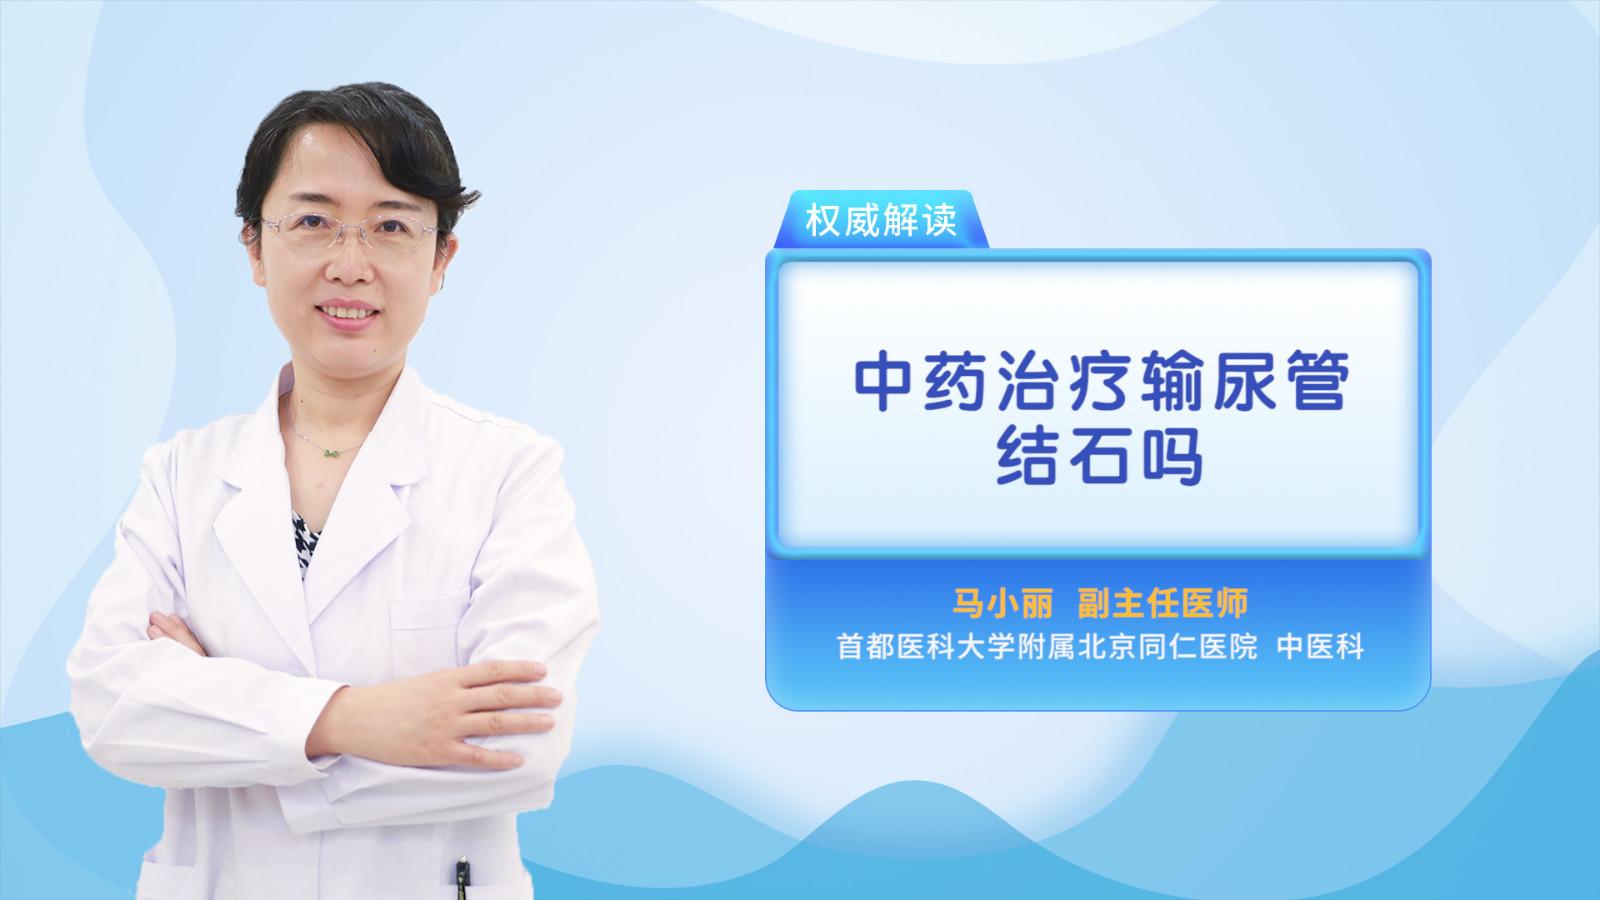 中药治疗输尿管结石吗